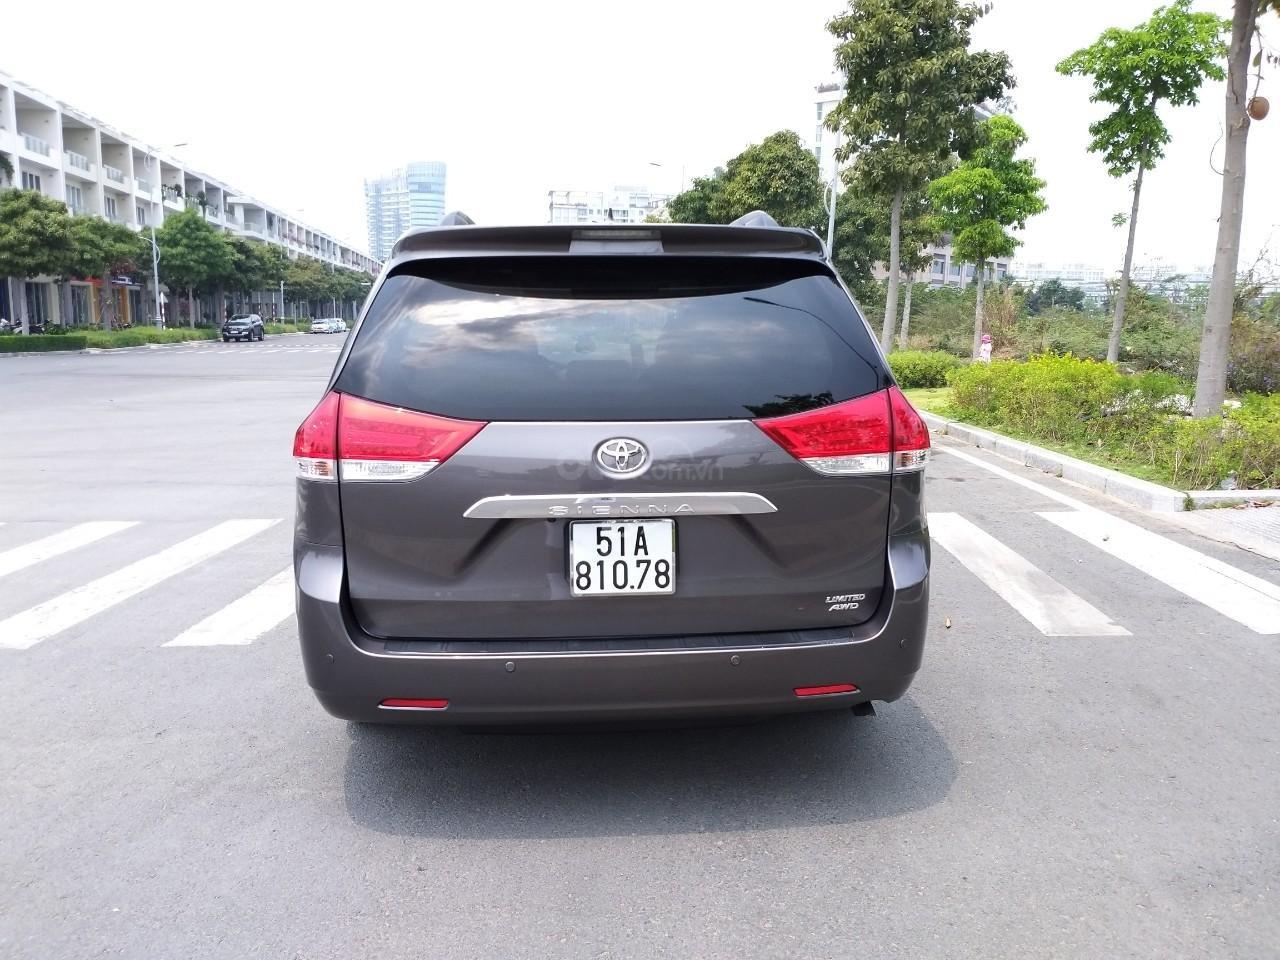 Toyota Sienna hàng Limited model 2014, màu xám, nhập khẩu, cực mới, 2tỷ 490tr-1